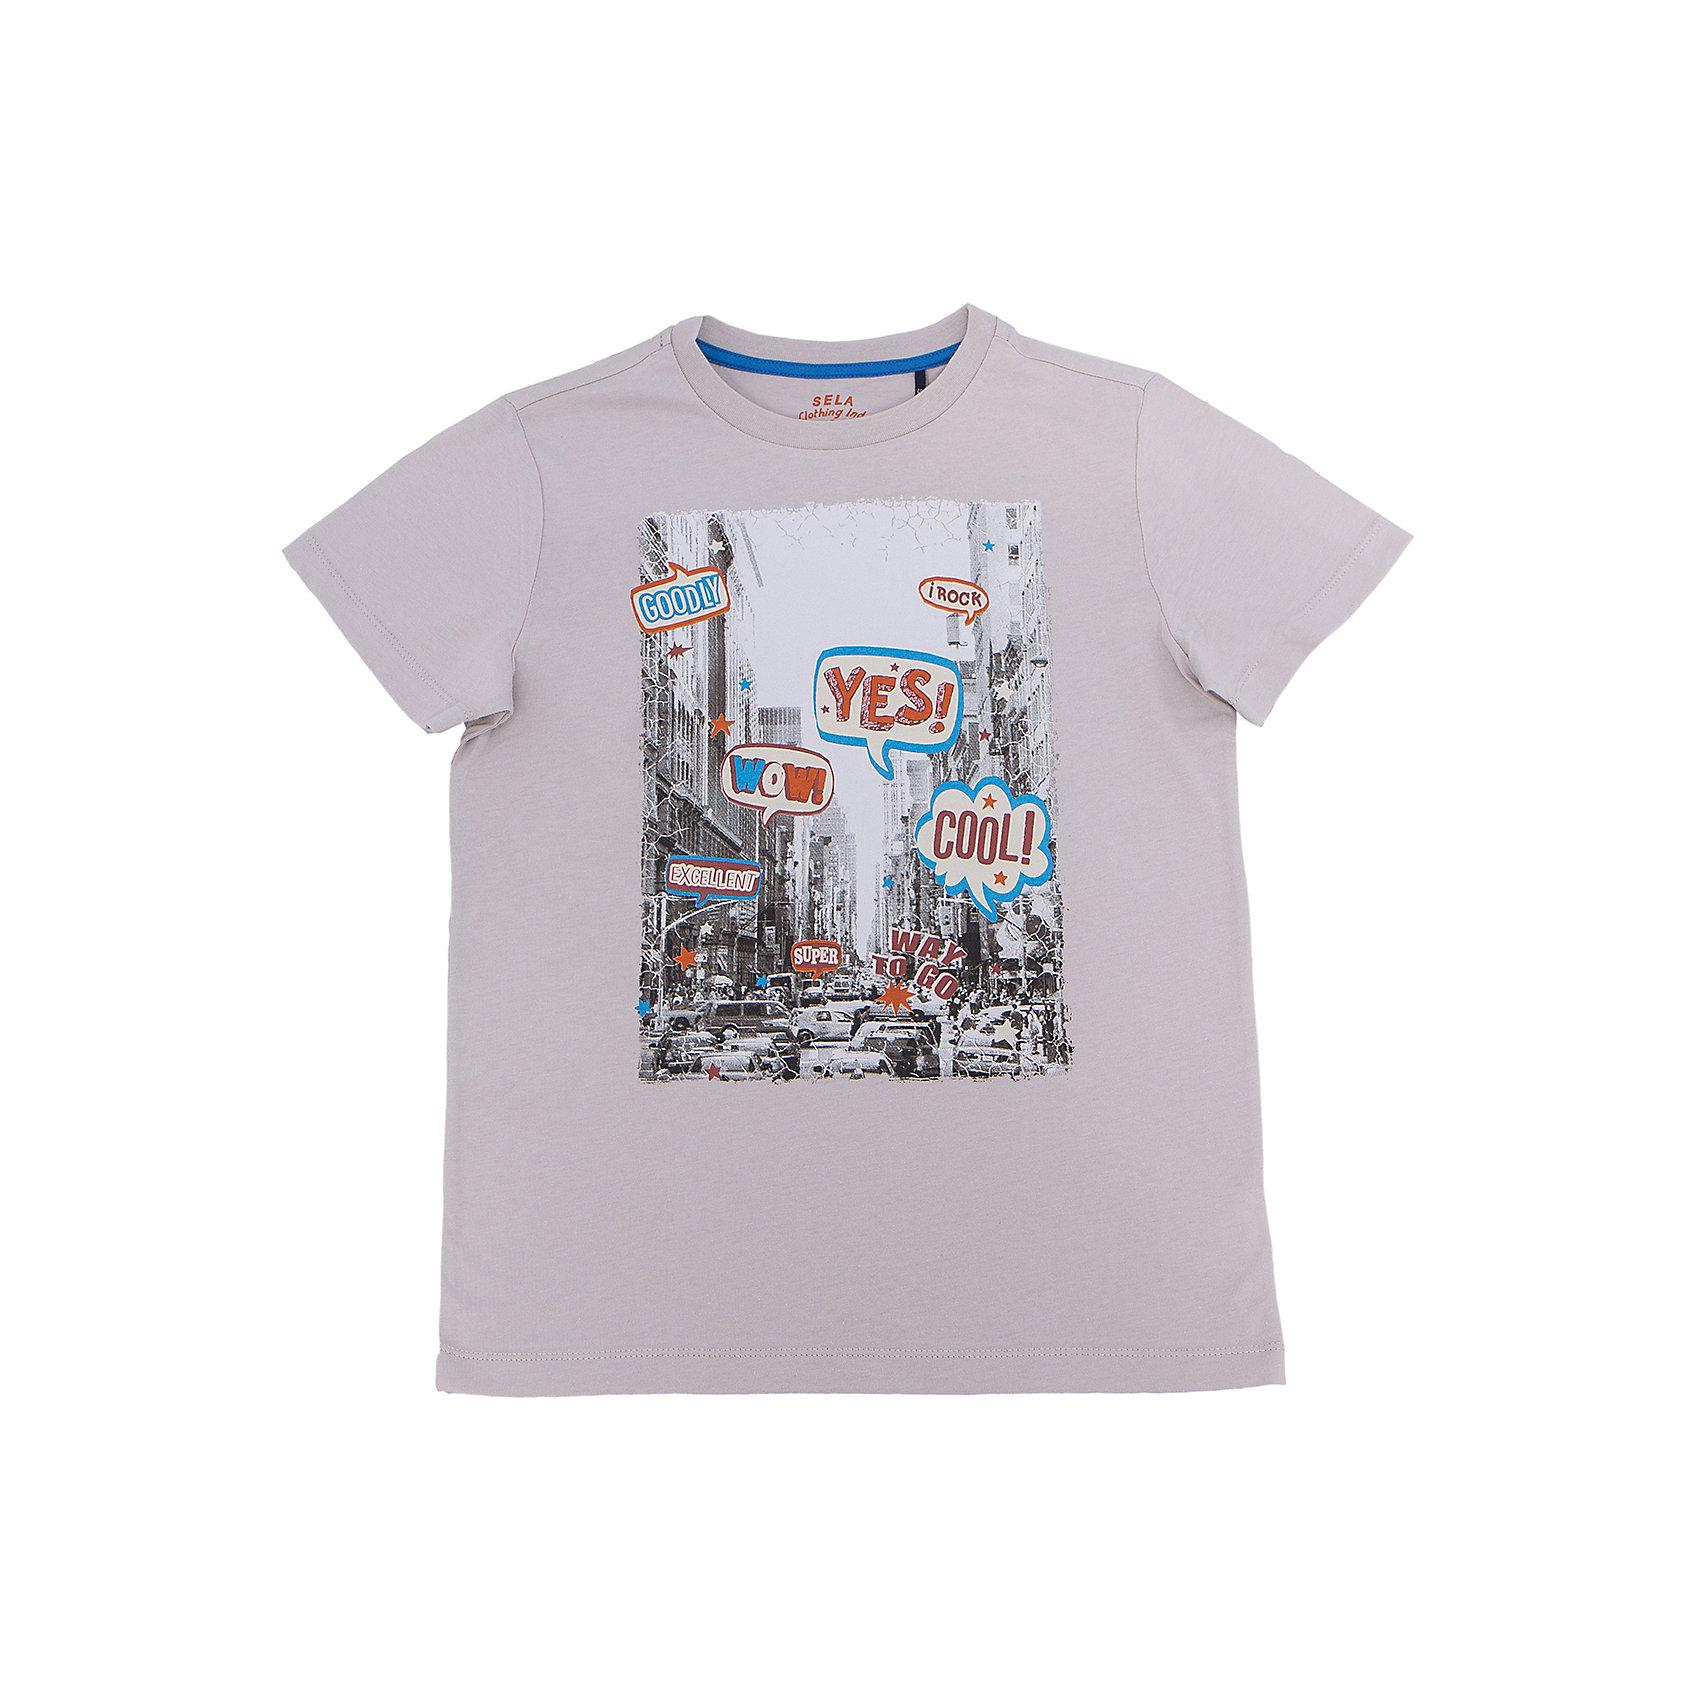 Футболка для мальчика SELAФутболки, поло и топы<br>Характеристики товара:<br><br>• цвет: серый<br>• состав: 100% хлопок<br>• принт<br>• короткие рукава<br>• округлый горловой вырез<br>• коллекция весна-лето 2017<br>• страна бренда: Российская Федерация<br><br>В новой коллекции SELA отличные модели одежды! Эта футболка для мальчика поможет разнообразить гардероб ребенка и обеспечить комфорт. Она отлично сочетается с джинсами и брюками. В составе ткани -только дышащий гипоаллергенный хлопок!<br><br>Одежда, обувь и аксессуары от российского бренда SELA не зря пользуются большой популярностью у детей и взрослых! Модели этой марки - стильные и удобные, цена при этом неизменно остается доступной. Для их производства используются только безопасные, качественные материалы и фурнитура. Новая коллекция поддерживает хорошие традиции бренда! <br><br>Футболку для мальчика от популярного бренда SELA (СЕЛА) можно купить в нашем интернет-магазине.<br><br>Ширина мм: 230<br>Глубина мм: 40<br>Высота мм: 220<br>Вес г: 250<br>Цвет: серый<br>Возраст от месяцев: 108<br>Возраст до месяцев: 120<br>Пол: Мужской<br>Возраст: Детский<br>Размер: 140,134,128,122,116,152,146<br>SKU: 5304057